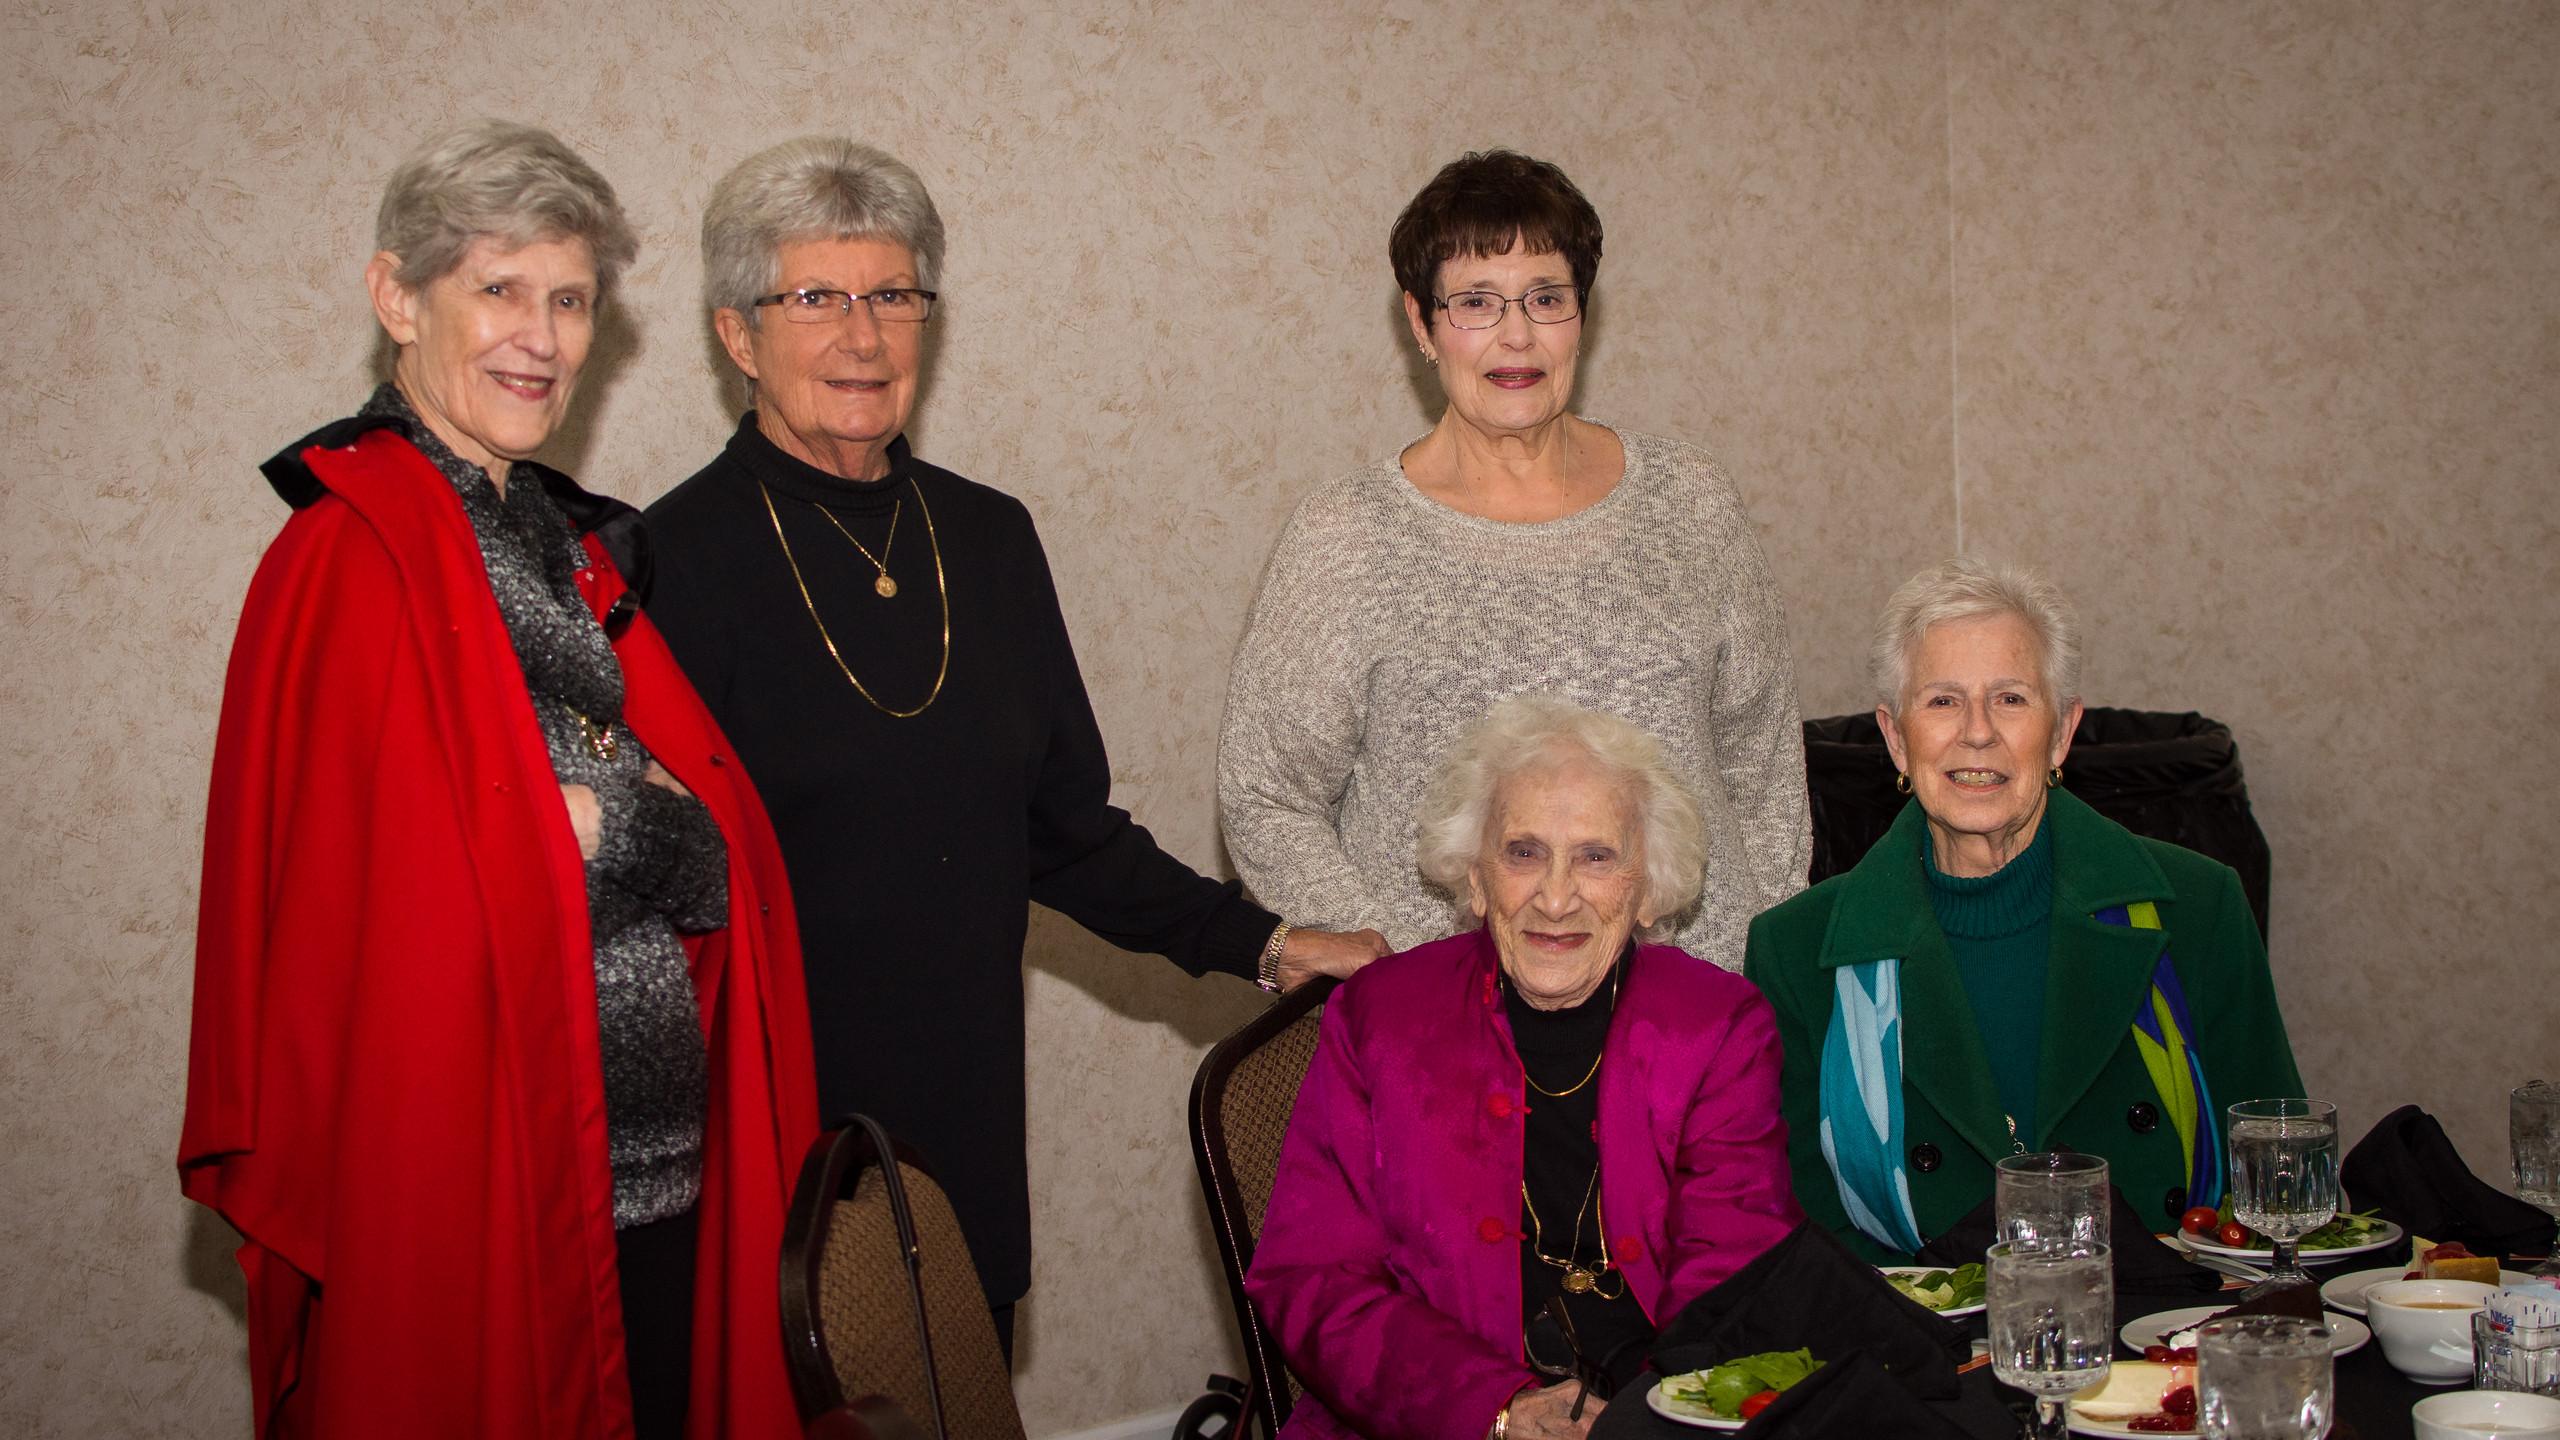 Mary Cramer, Tootsie Martin, Terri Marti